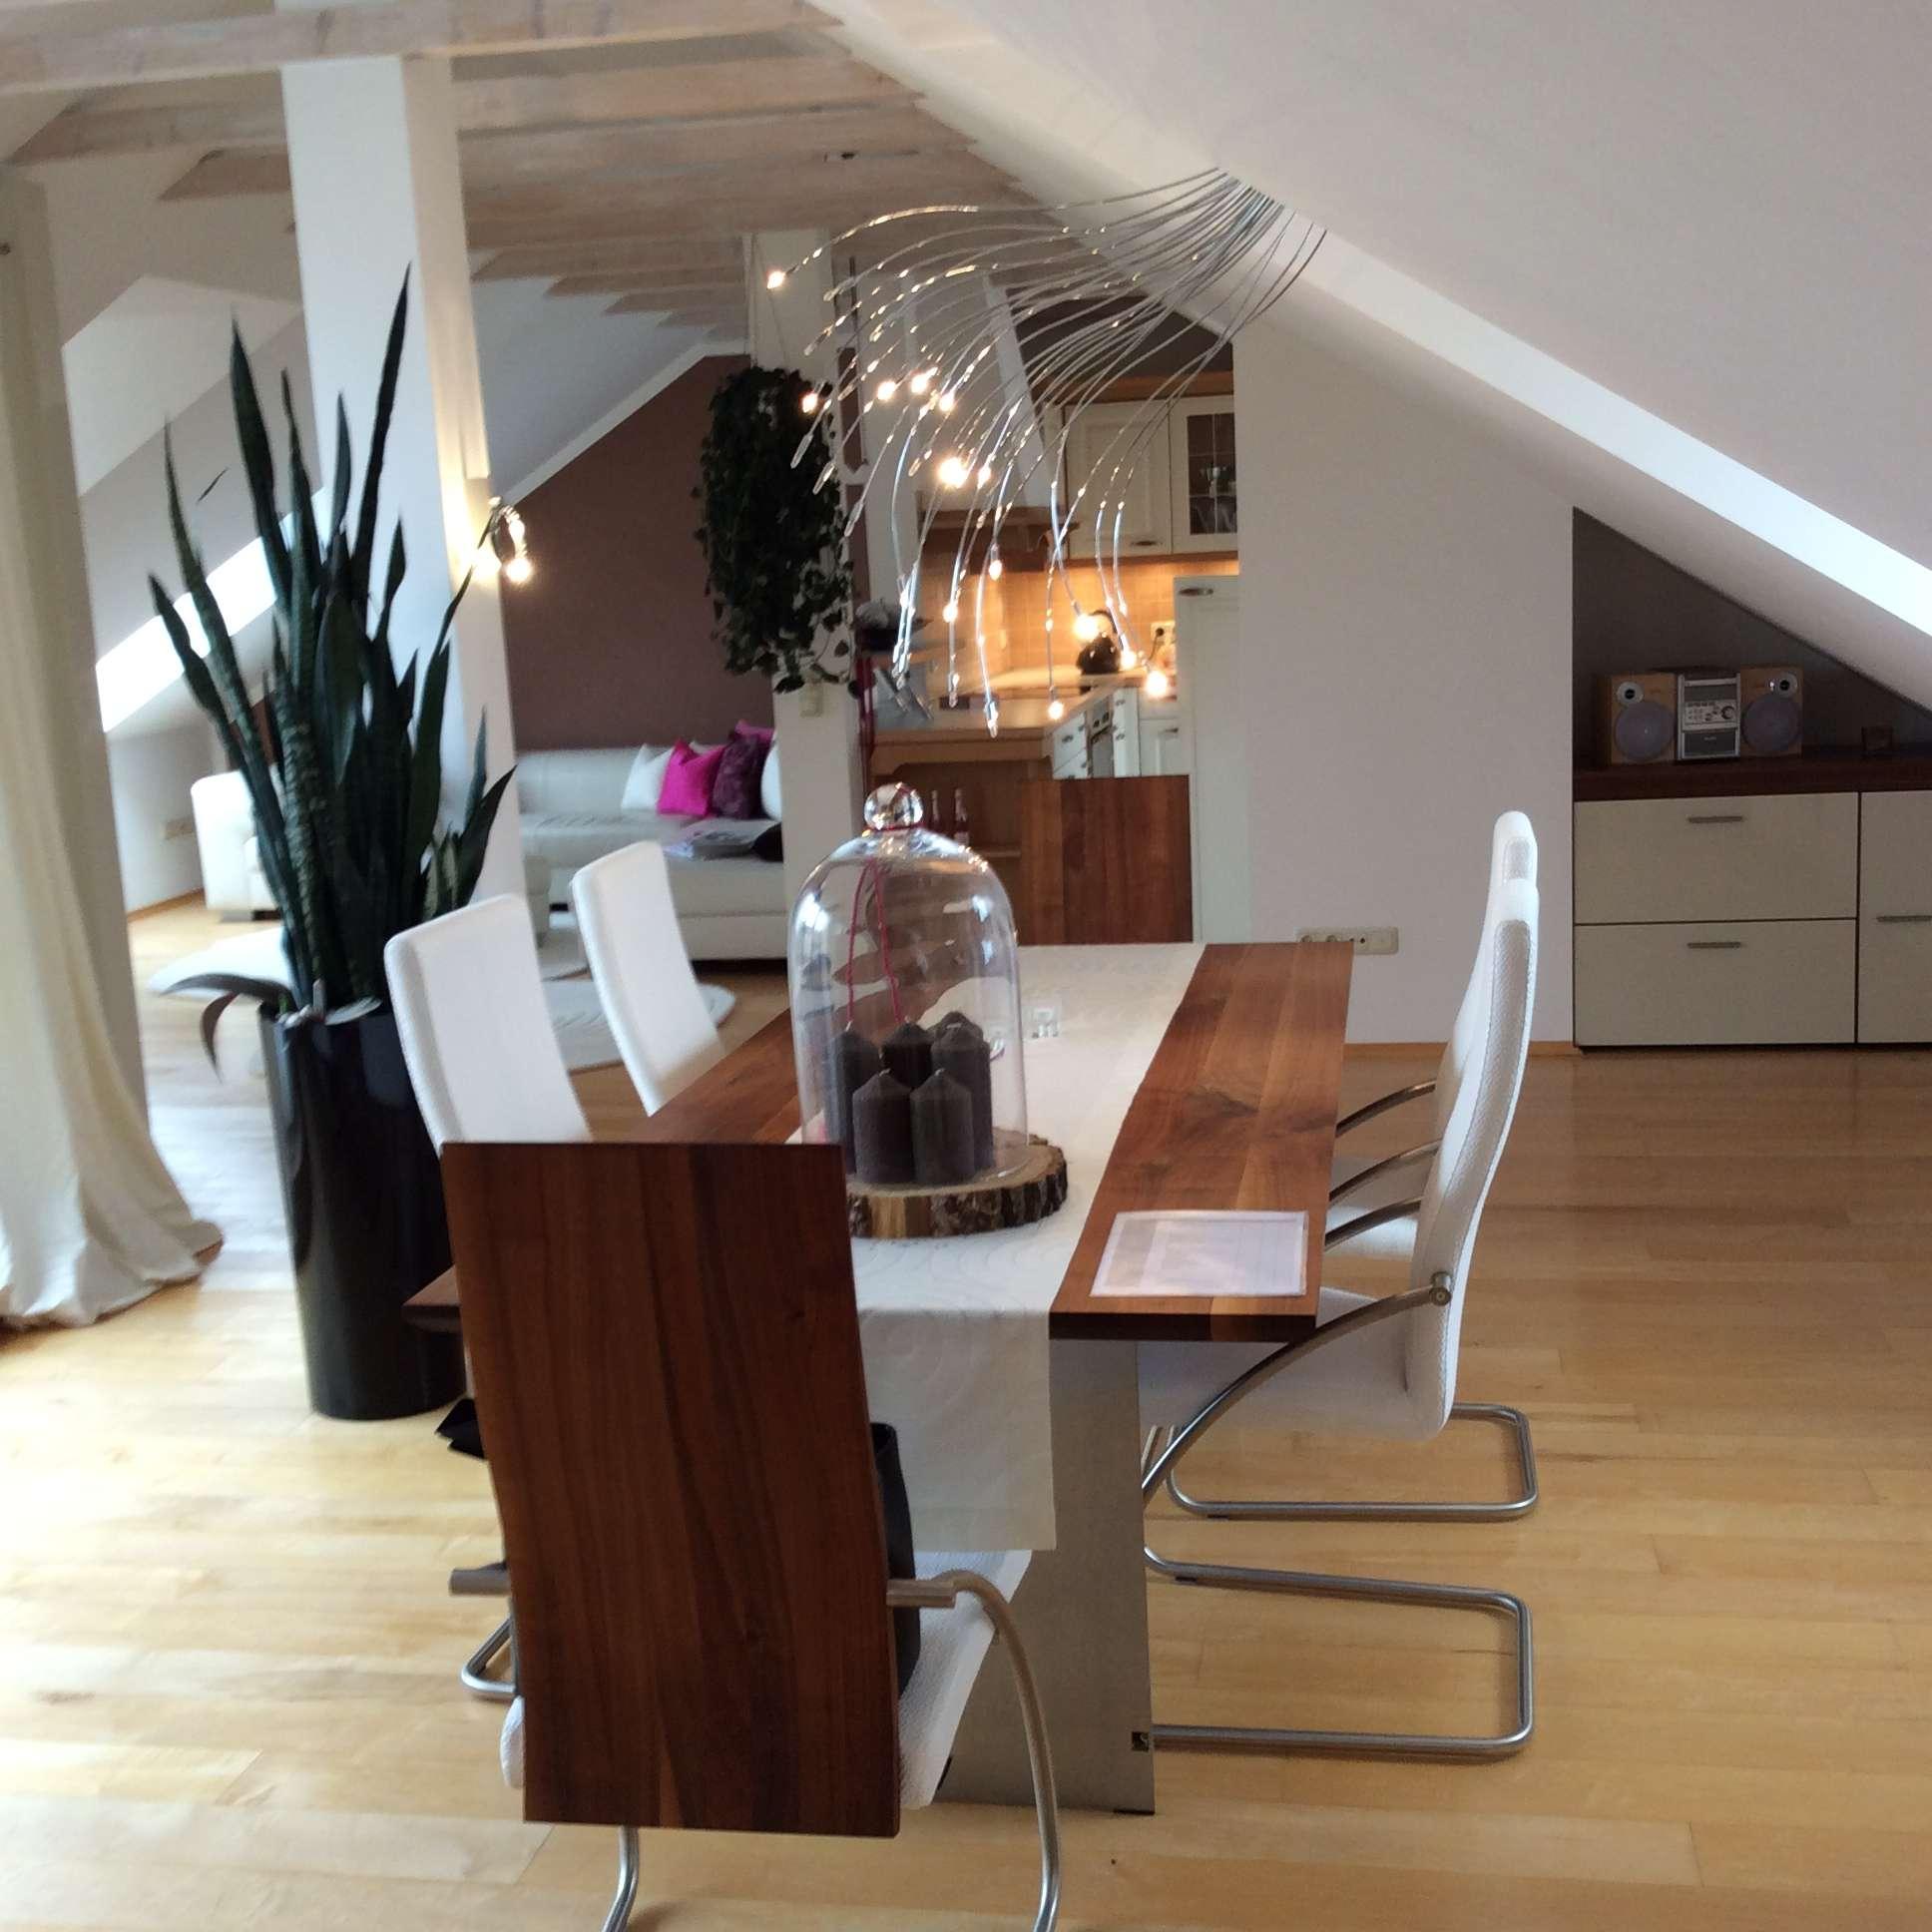 Exclusive und möbilierte Wohnung mit Blick über die Dächer von Augsburg in Augsburg-Innenstadt